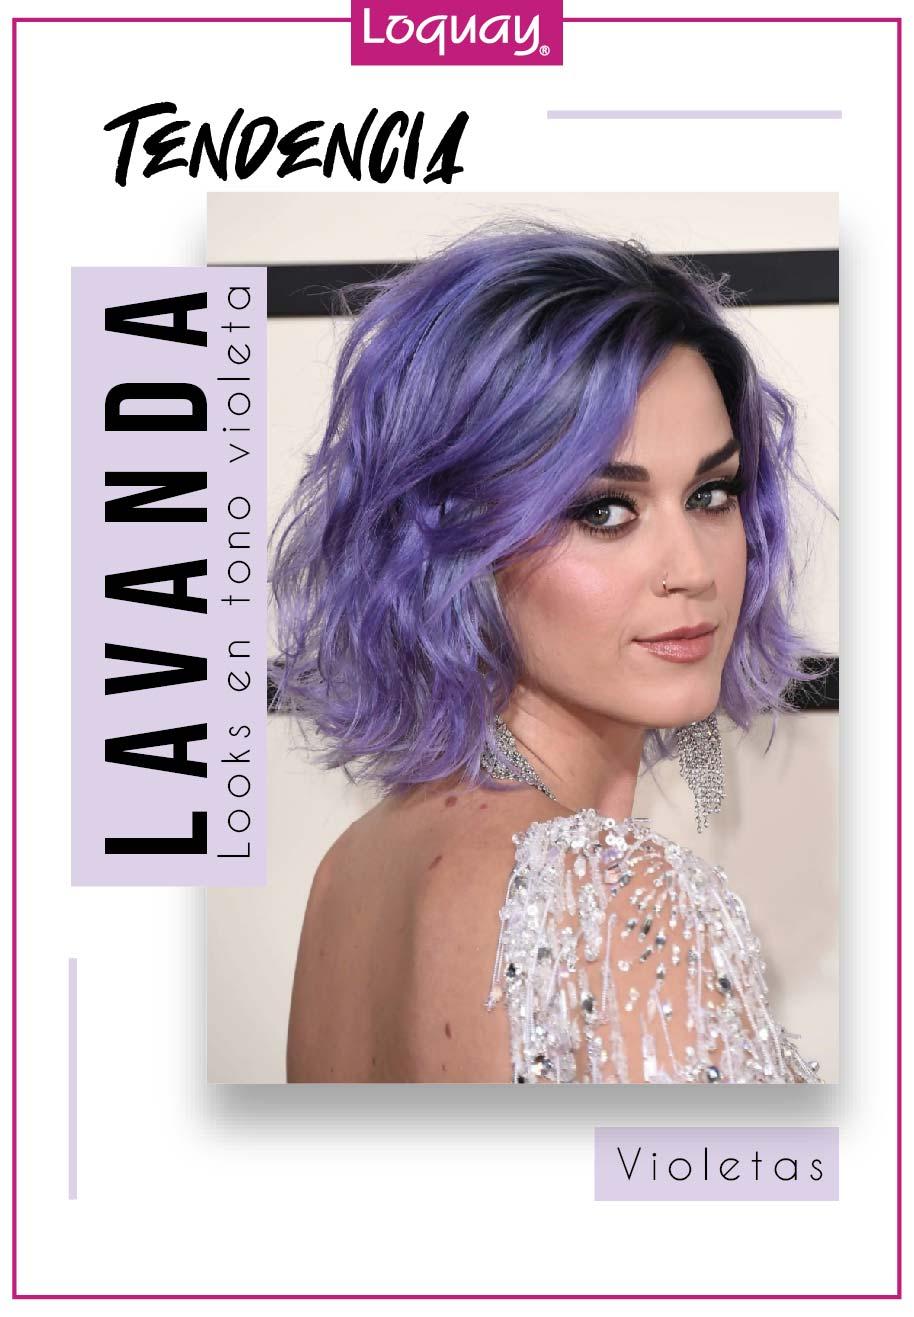 violeta-02